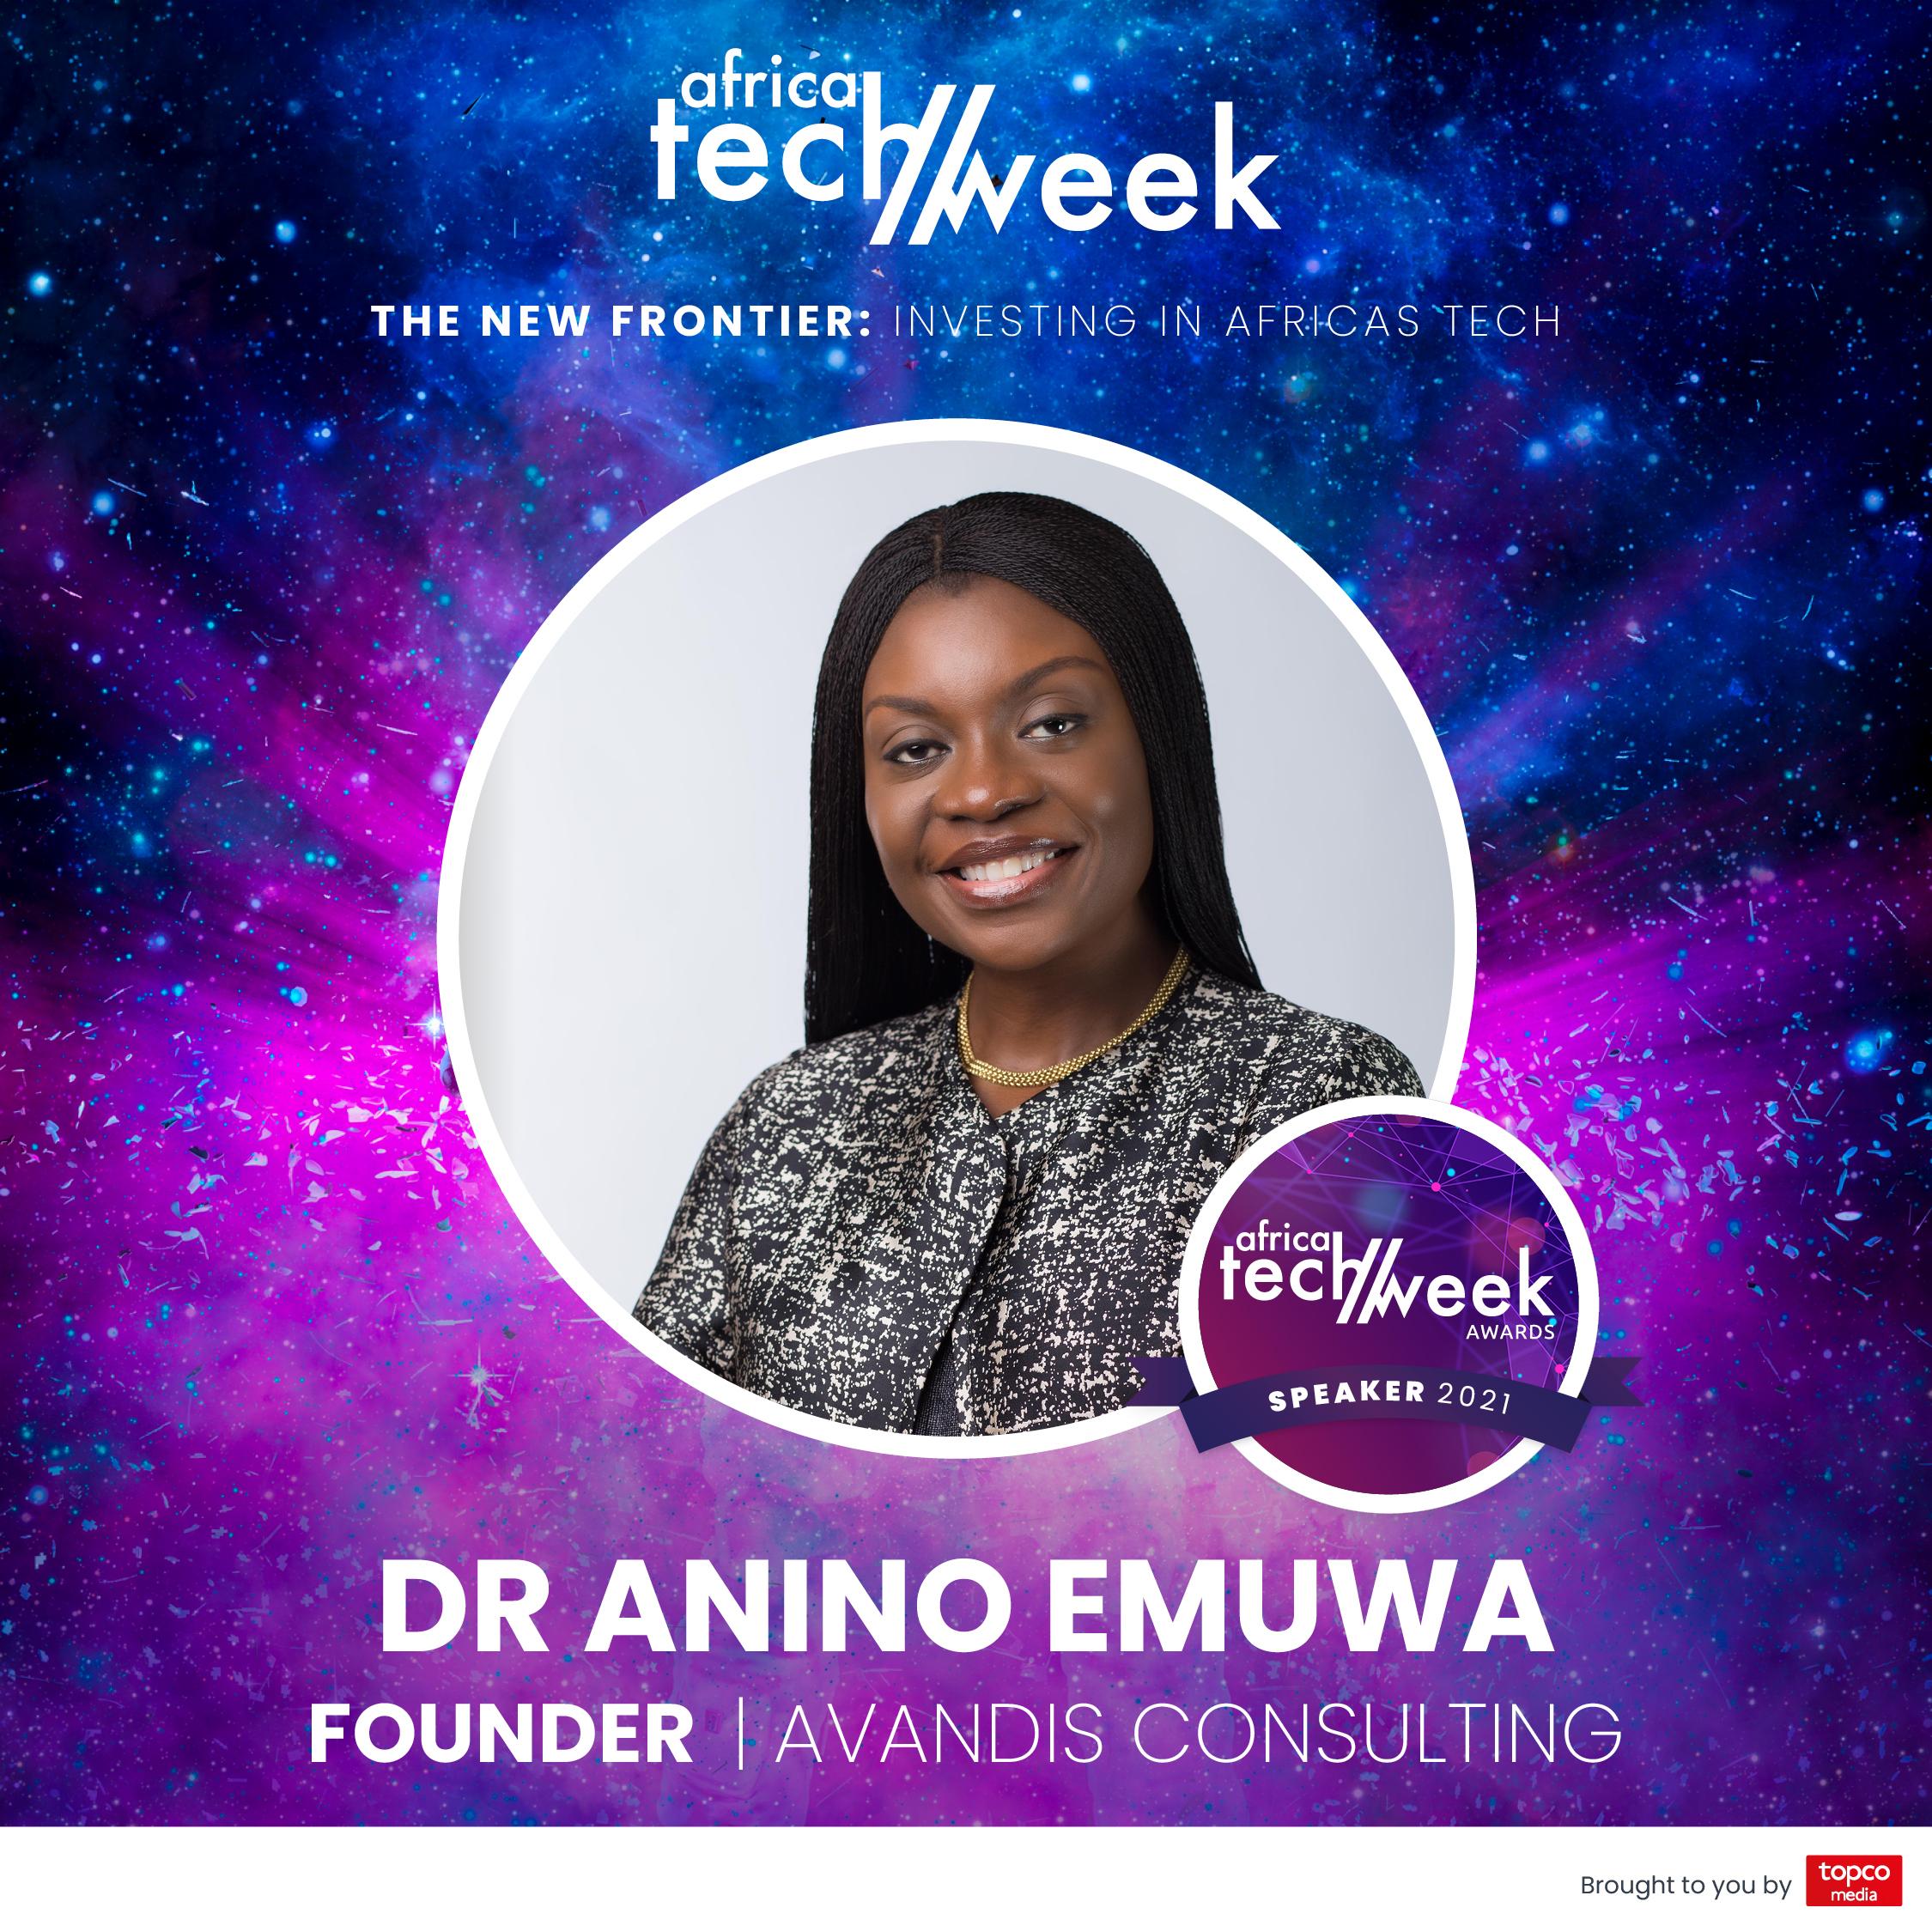 Dr Anino Emuwa